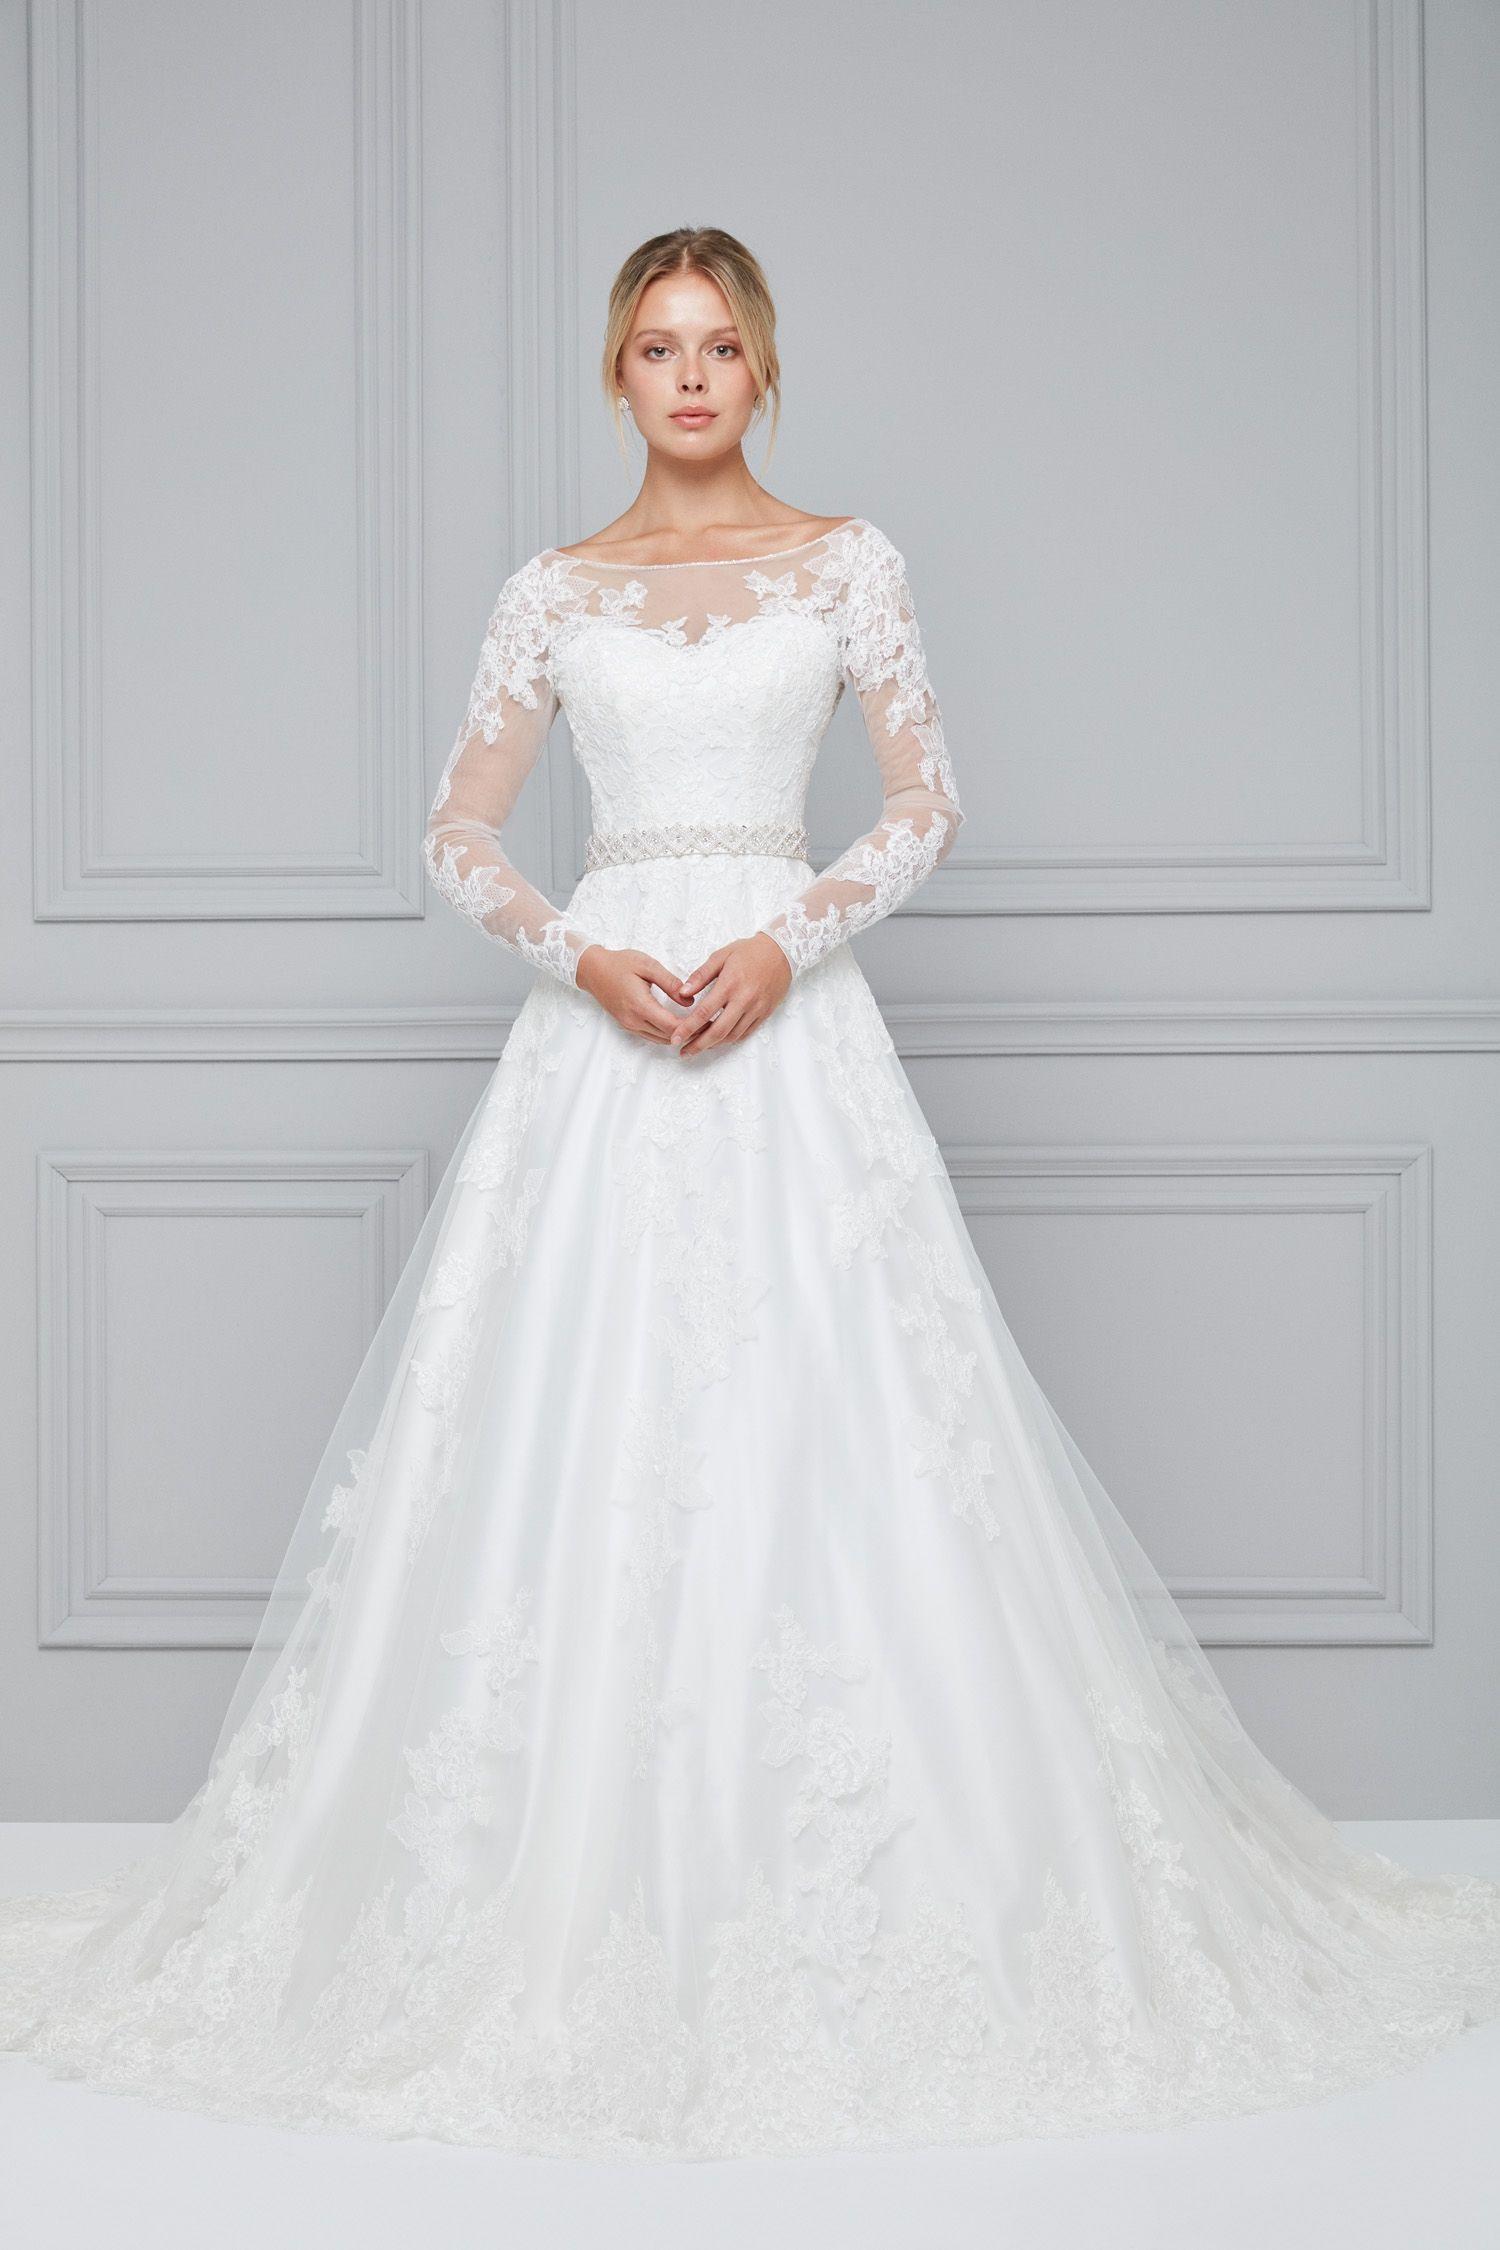 طلة ملكية لفستان زفاف بأكمام من الدانتيل